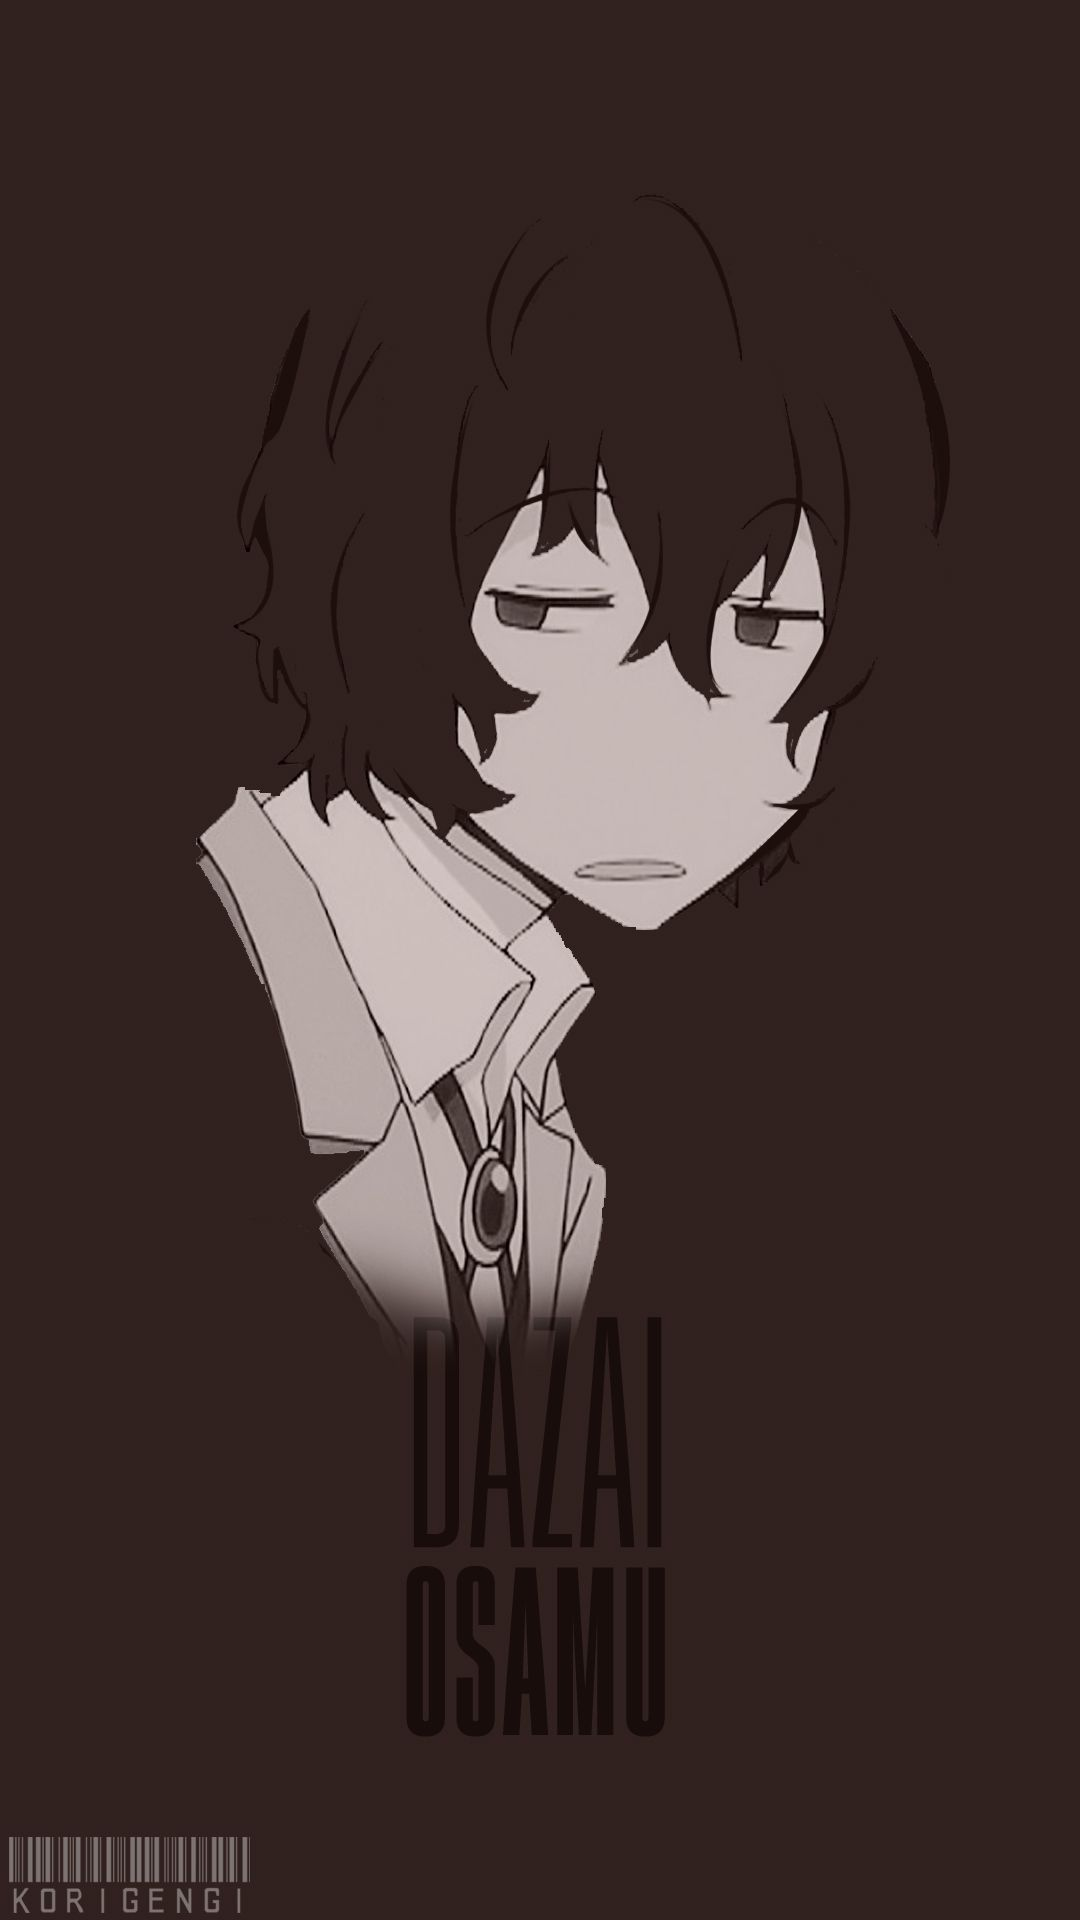 Download 700 Wallpaper Hd Dazai Osamu HD